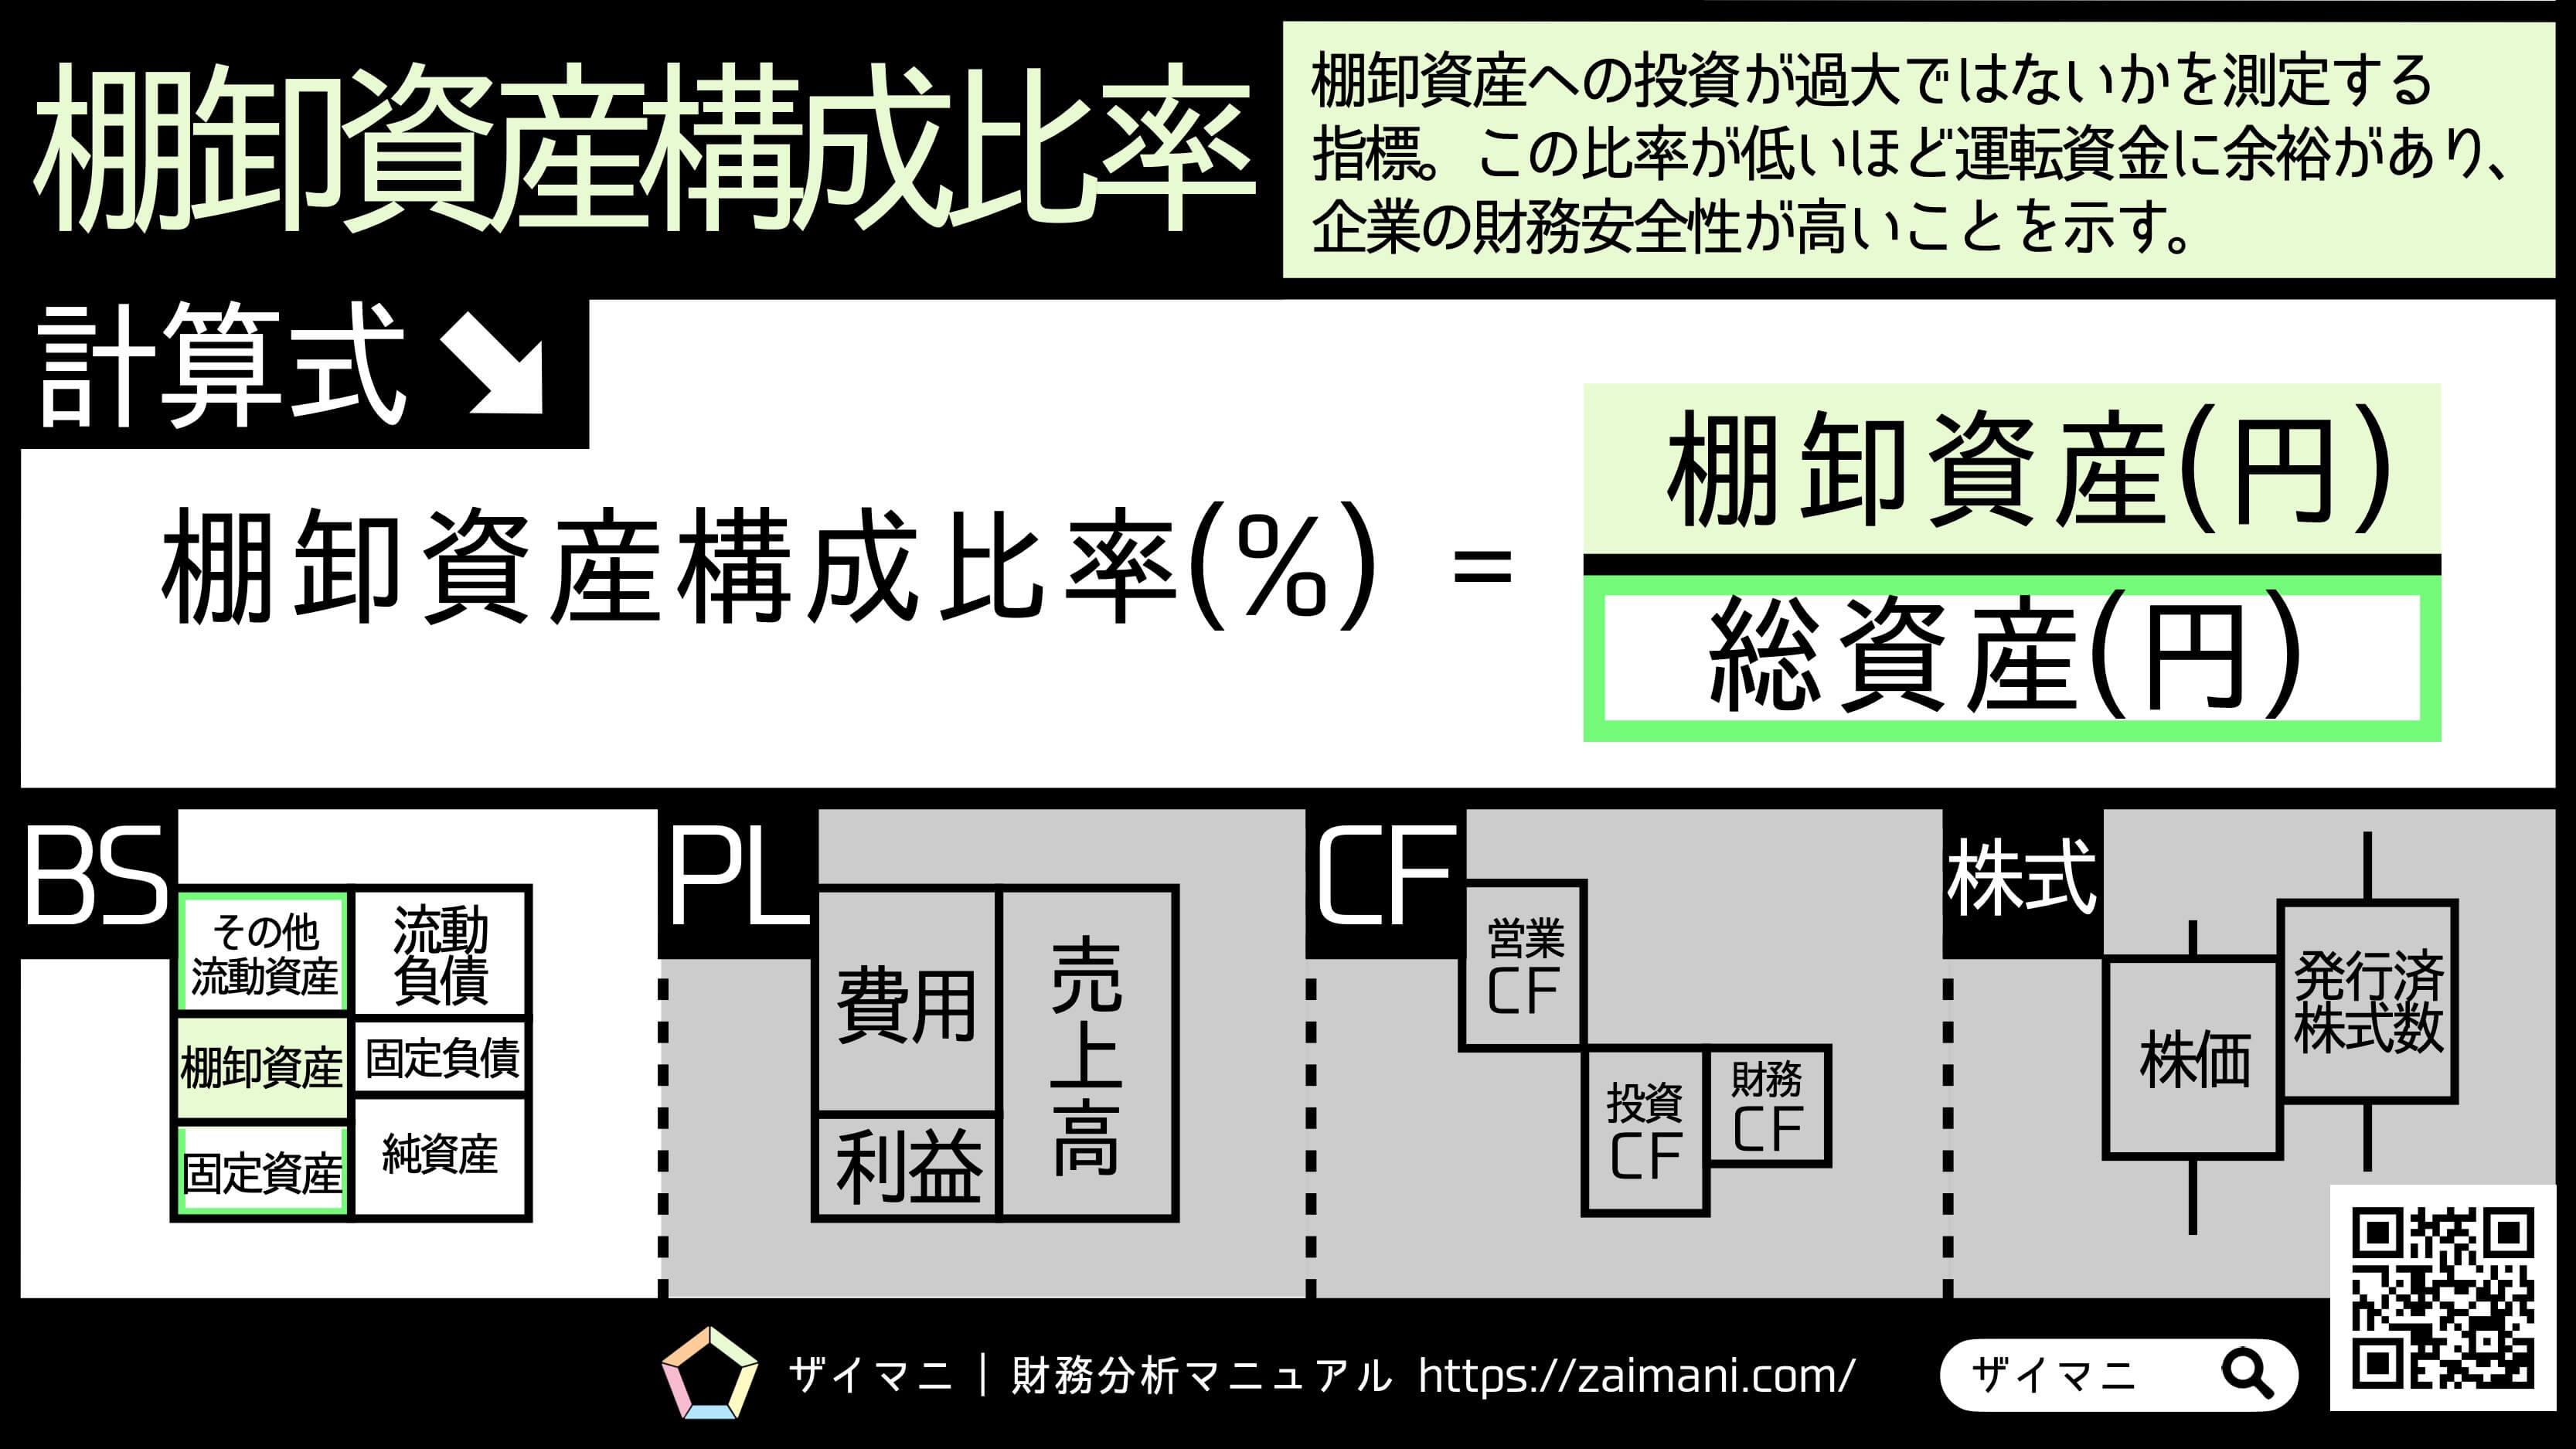 財務指標   棚卸資産構成比率の意味・計算式